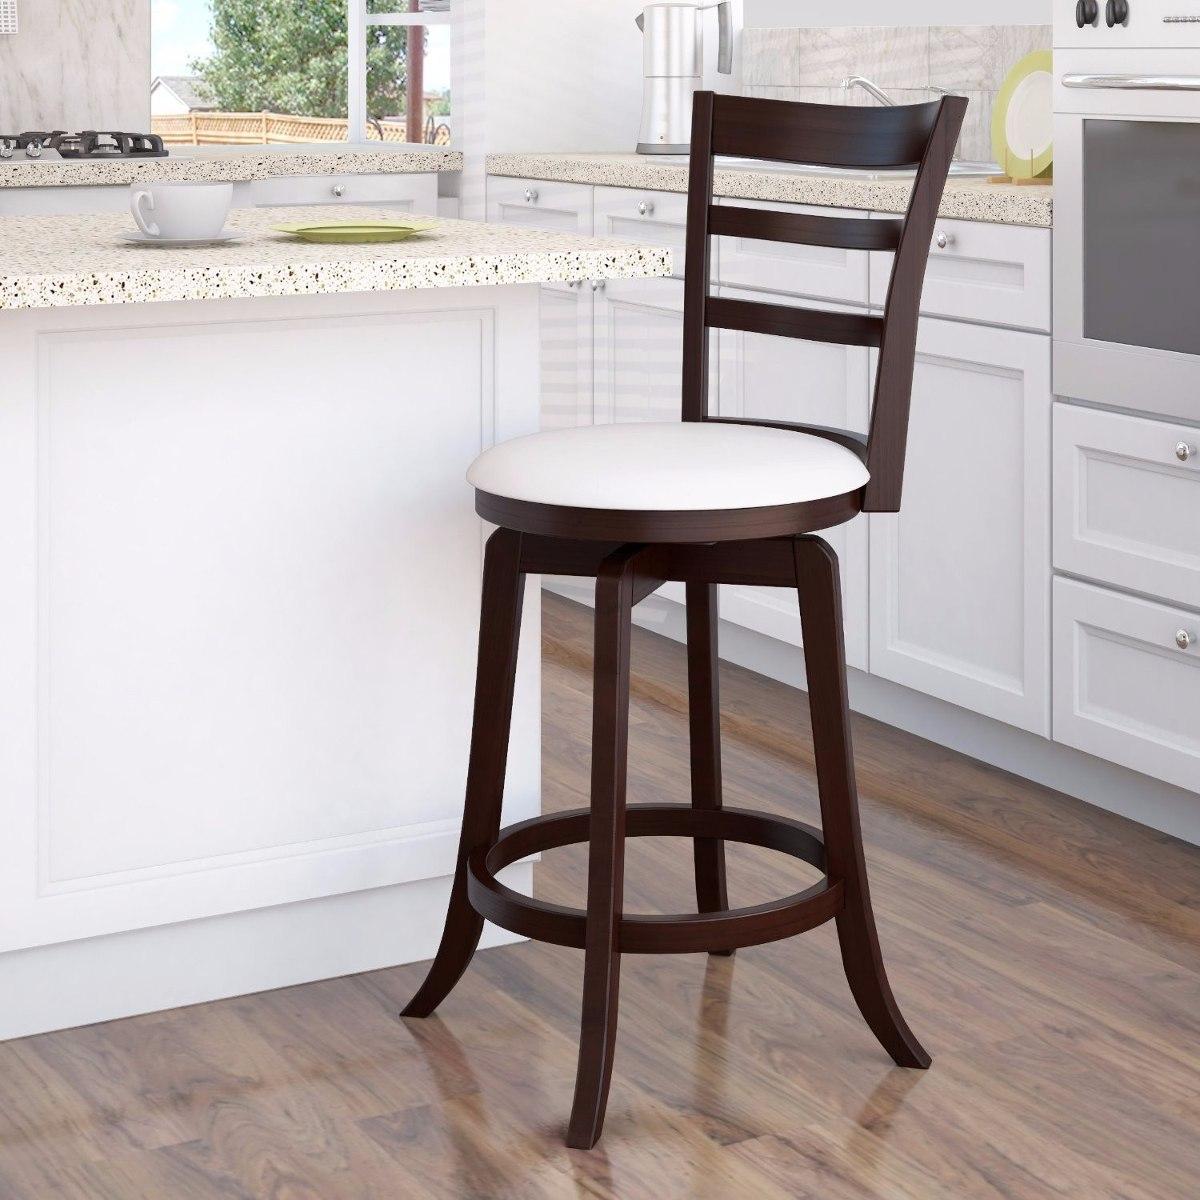 Banco silla giratoria bar cafe barra madera y cuero 91 cm for Sillas para bar economicas